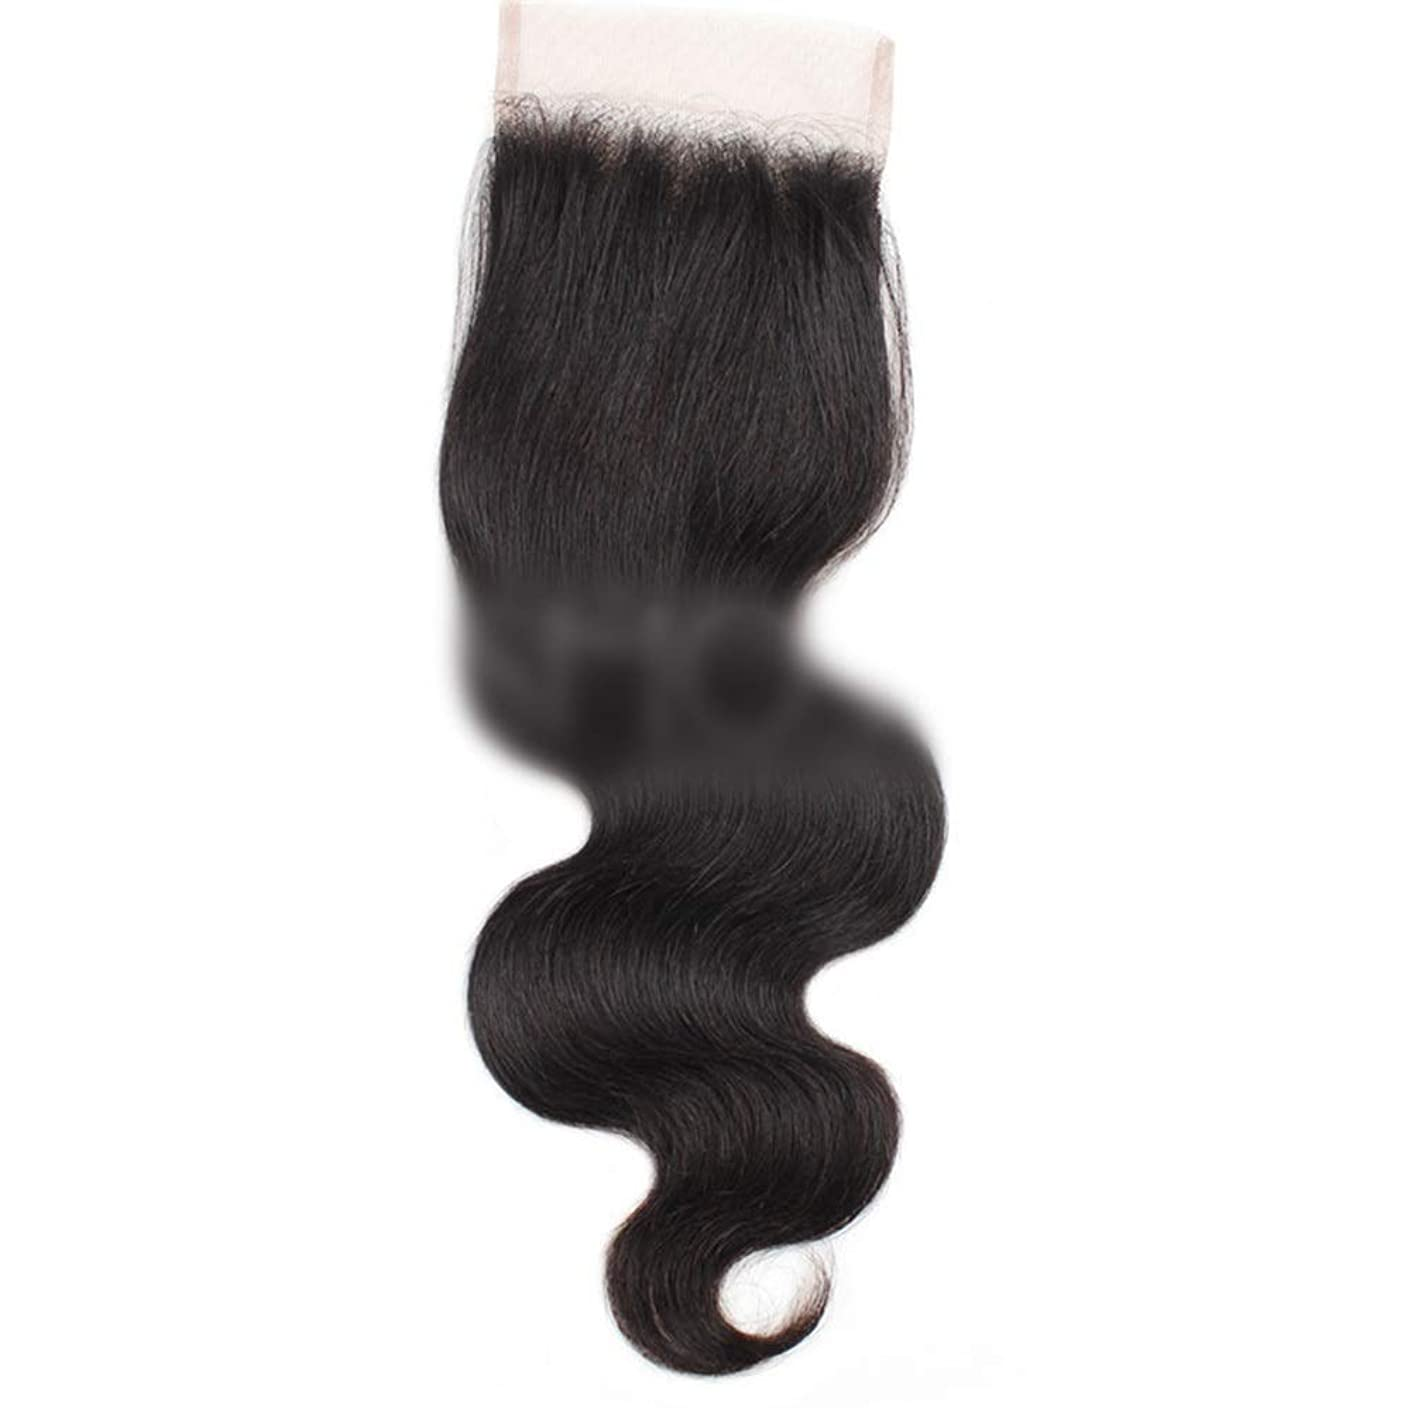 ハブ成長するゼリーYESONEEP 7aバージンブラジル人間の髪の毛自由な部分実体波4×4レース閉鎖ロールプレイングかつら女性のかつら (色 : 黒, サイズ : 16 inch)